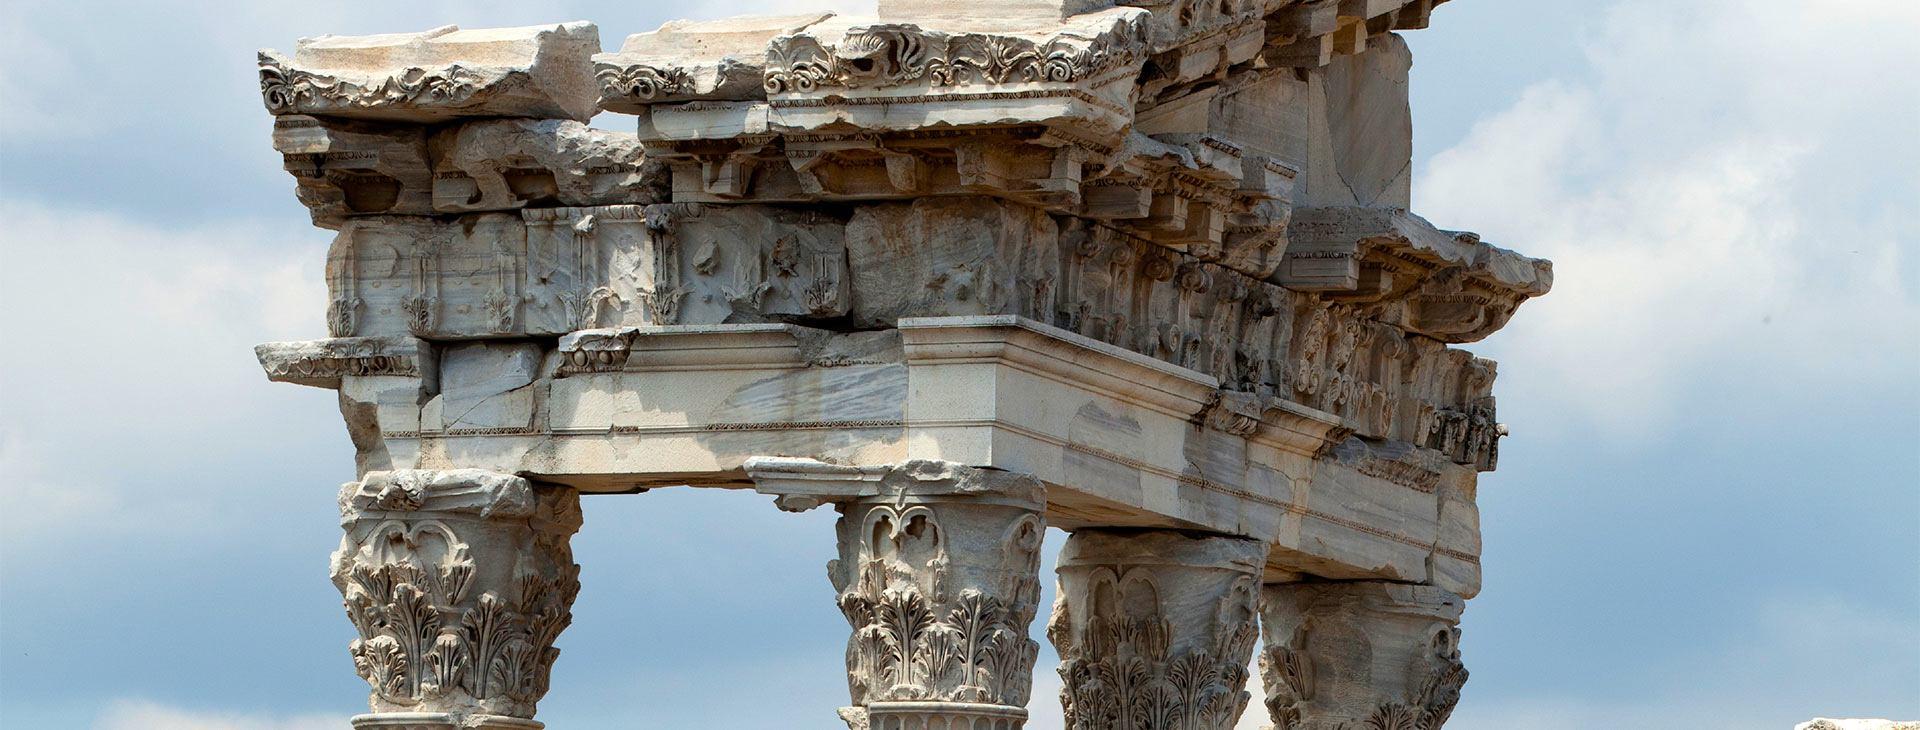 Samos, Patmos i Turcja - po obu stronach Morza Ege Turcja, Wyc. Objazdowe, Wyc. objazdowe